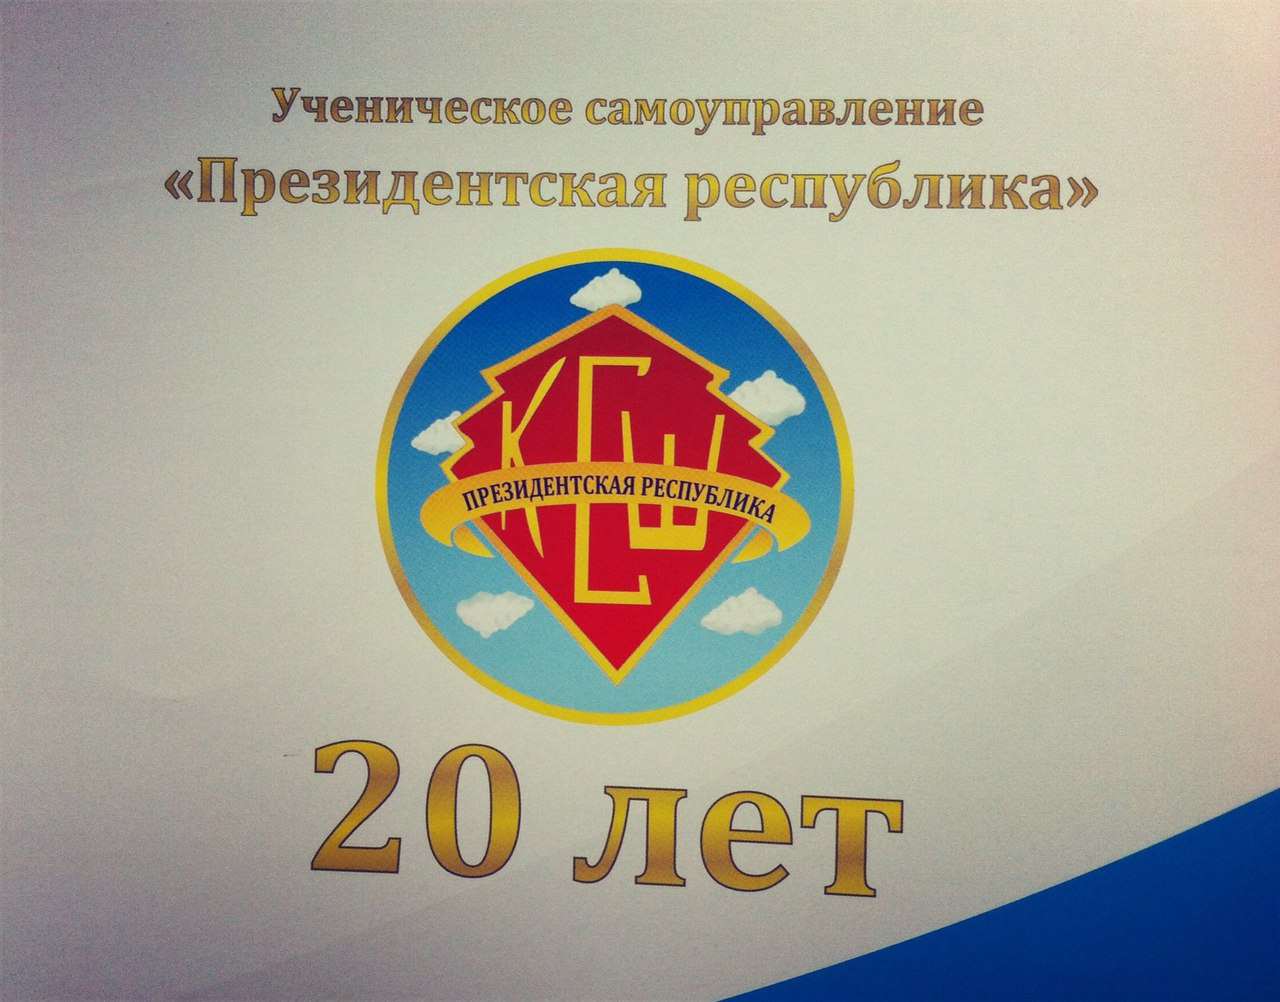 20 лет Президентской республике